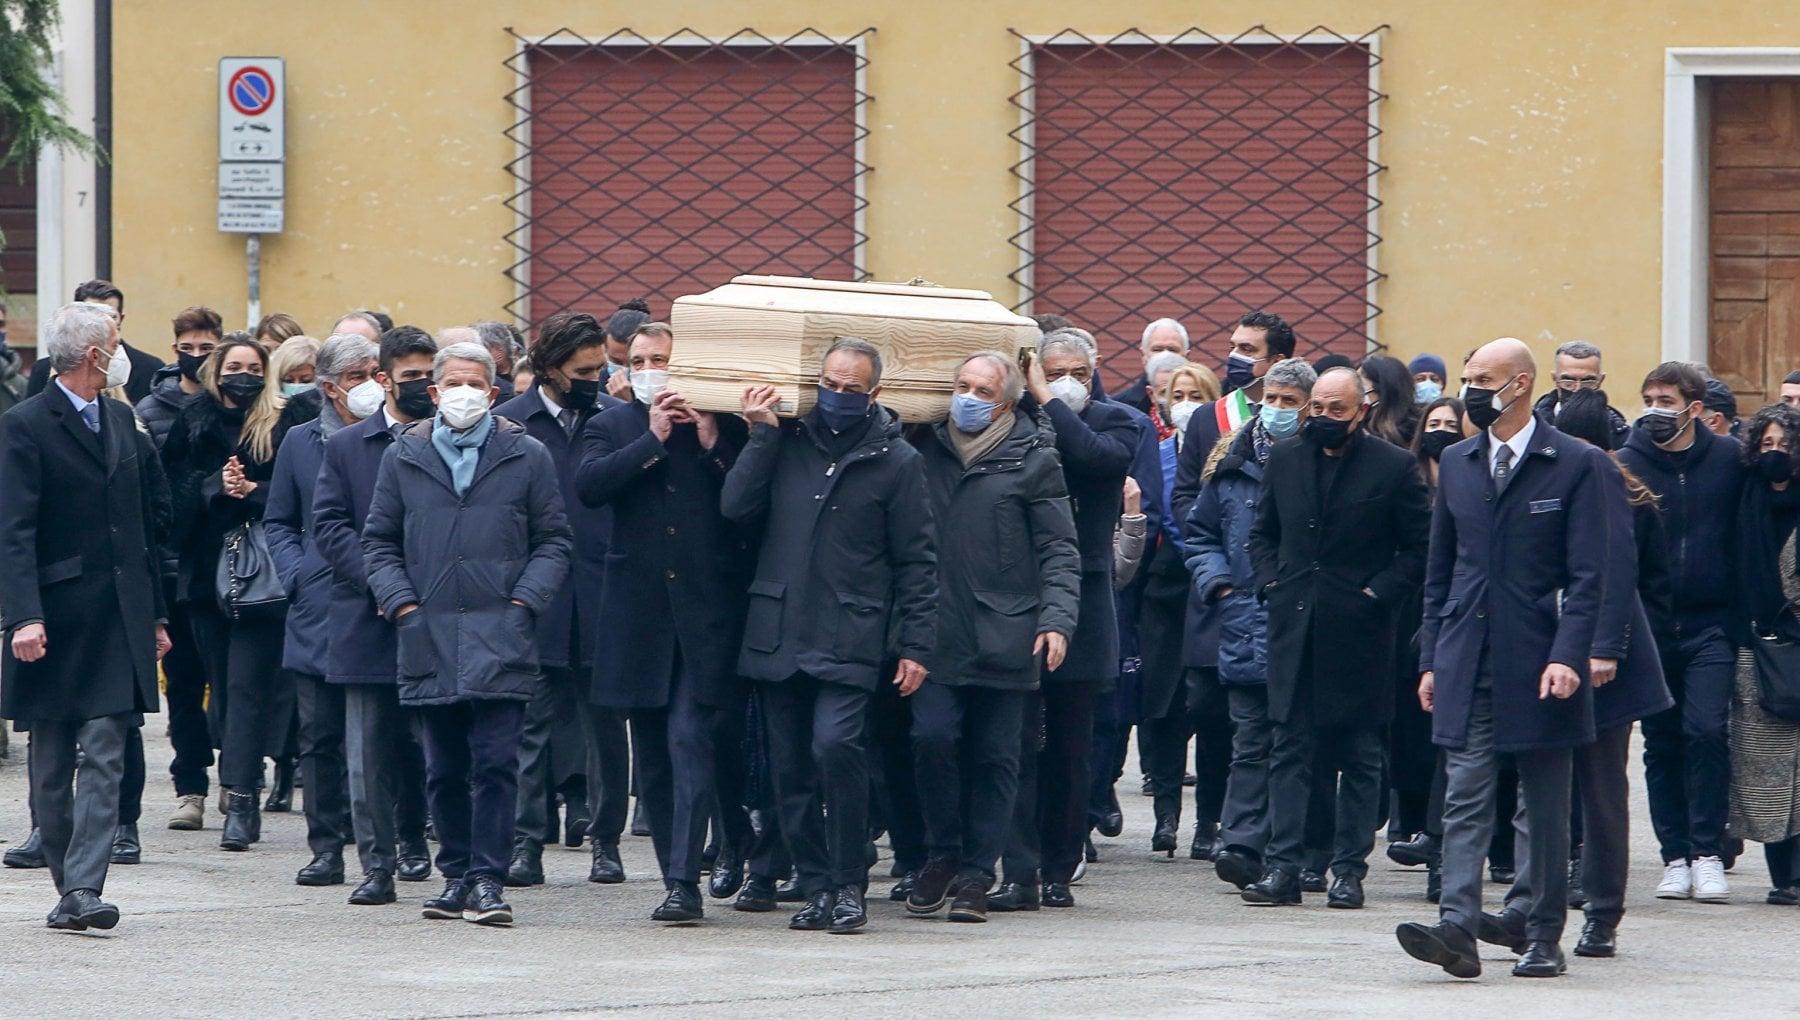 Furto in casa di Paolo Rossi nel giorno del funerale